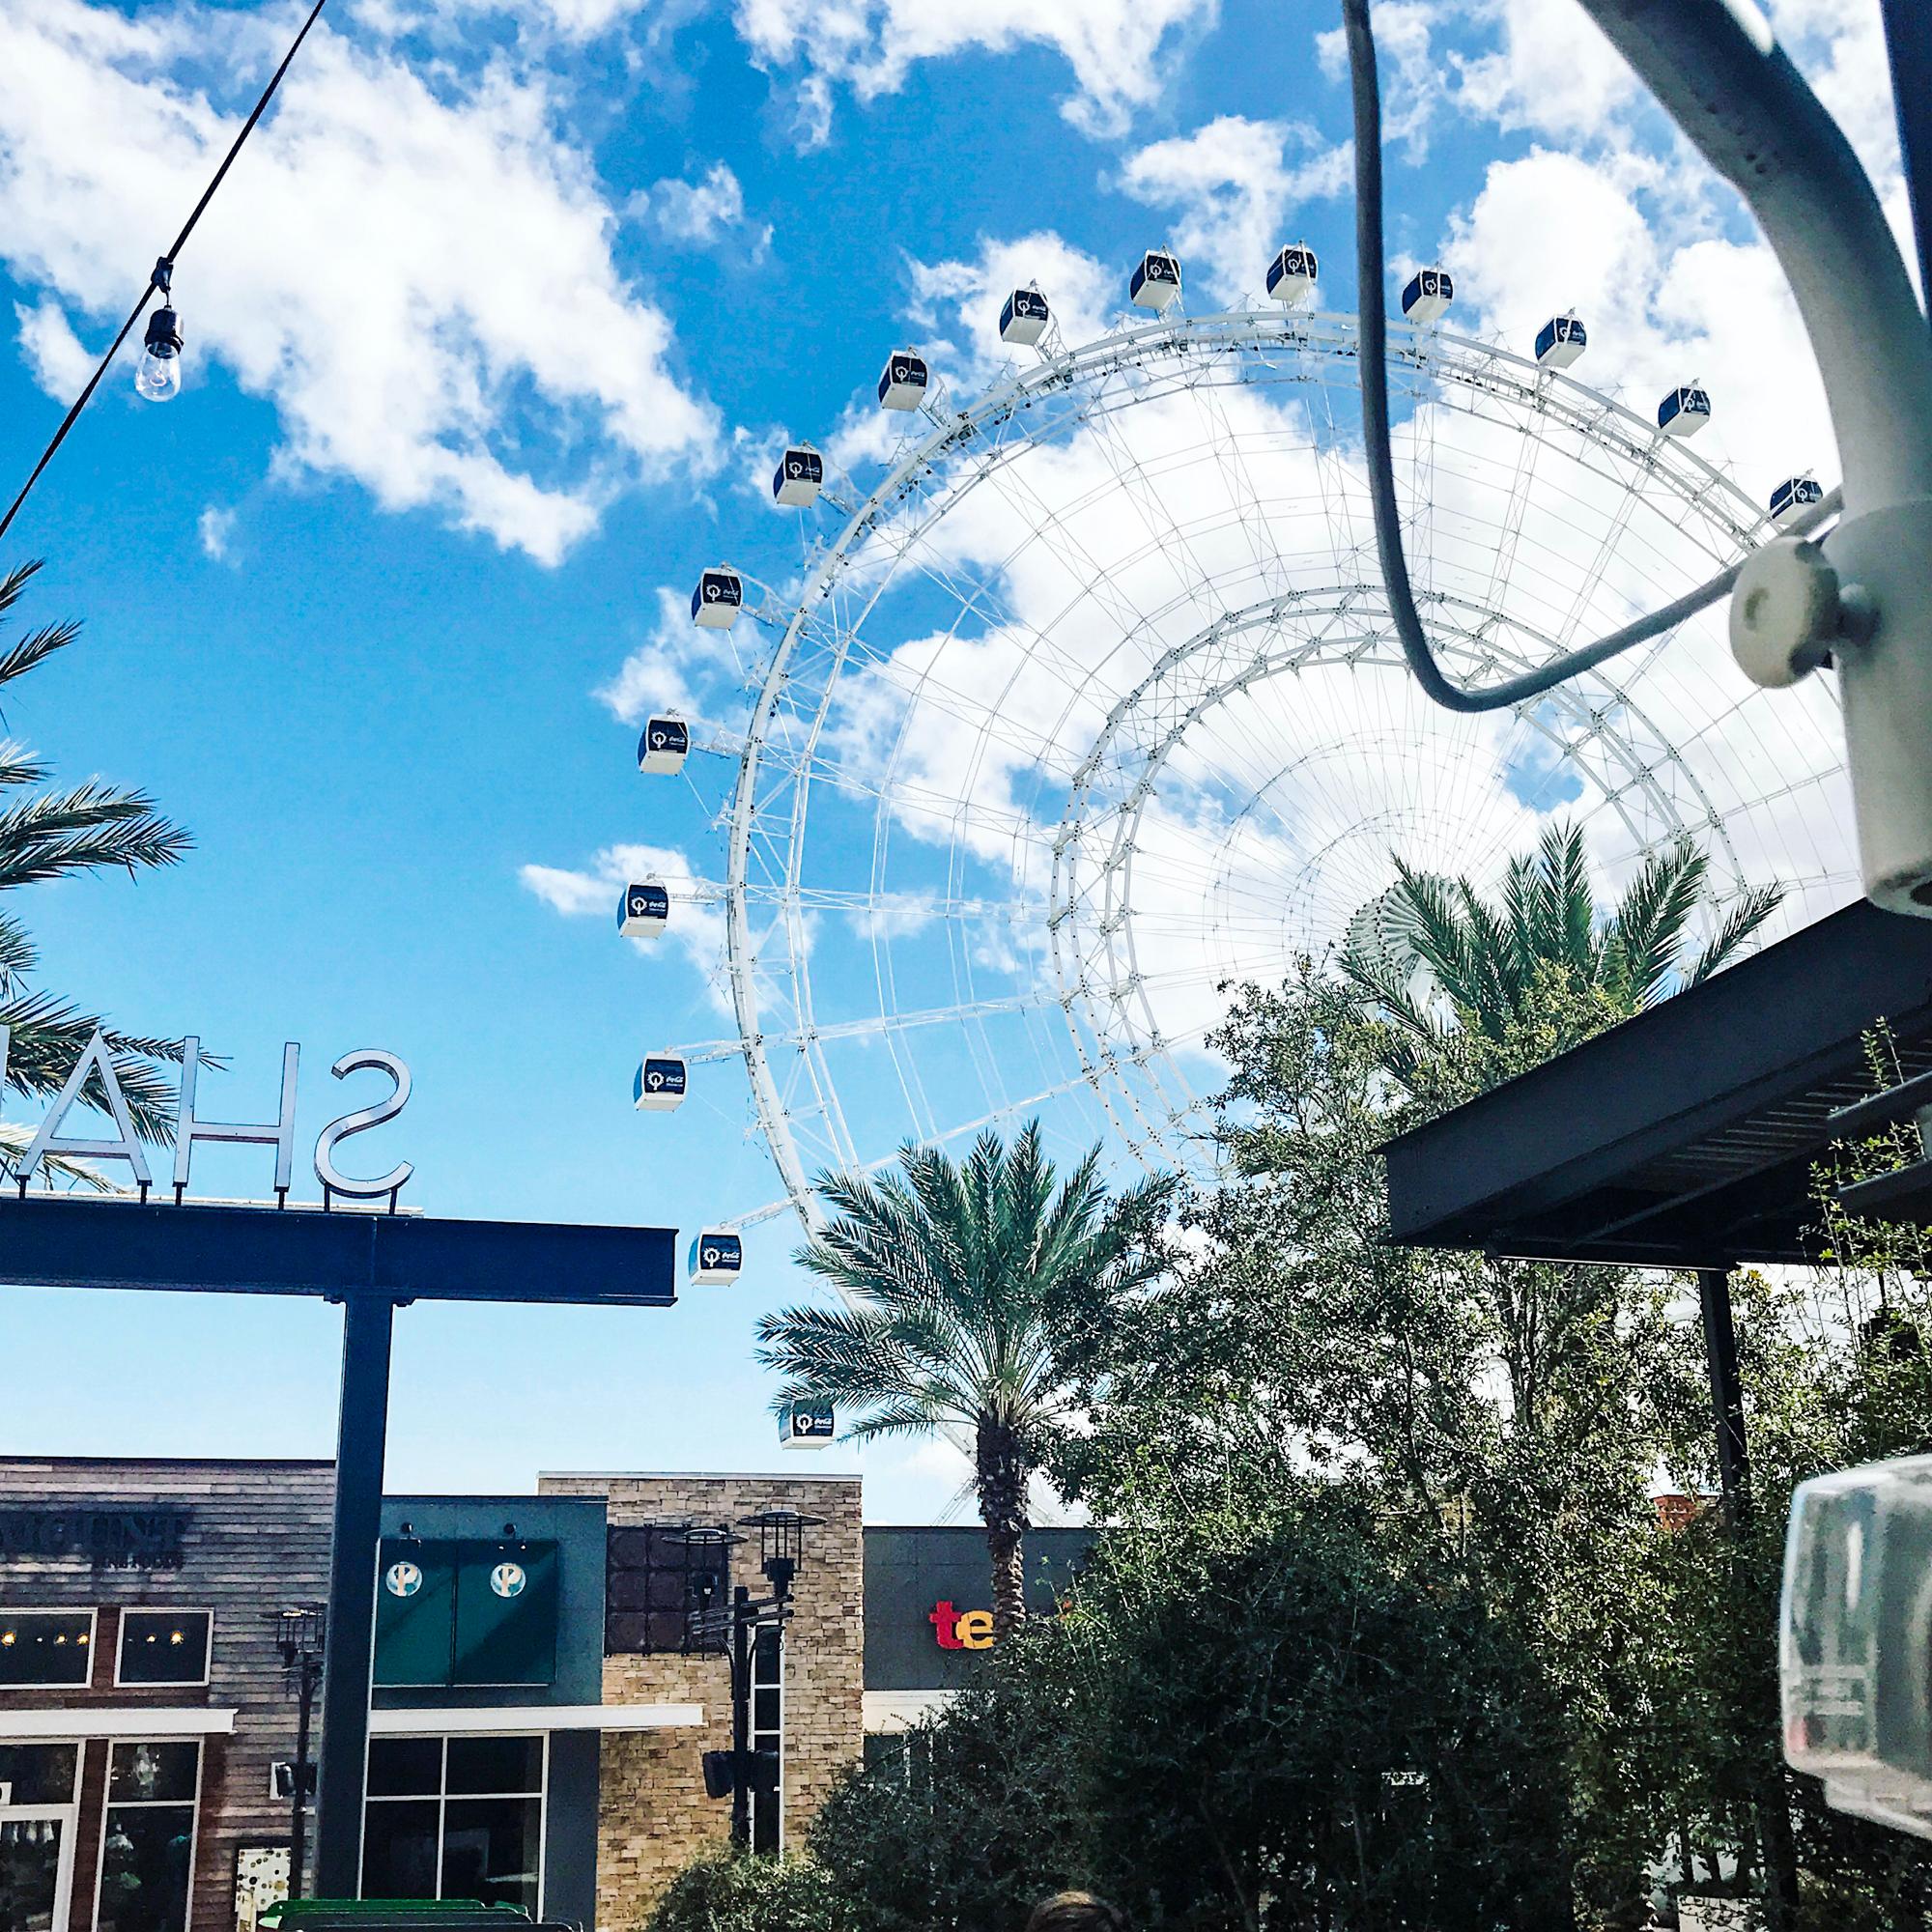 The Orlando ICON wheel